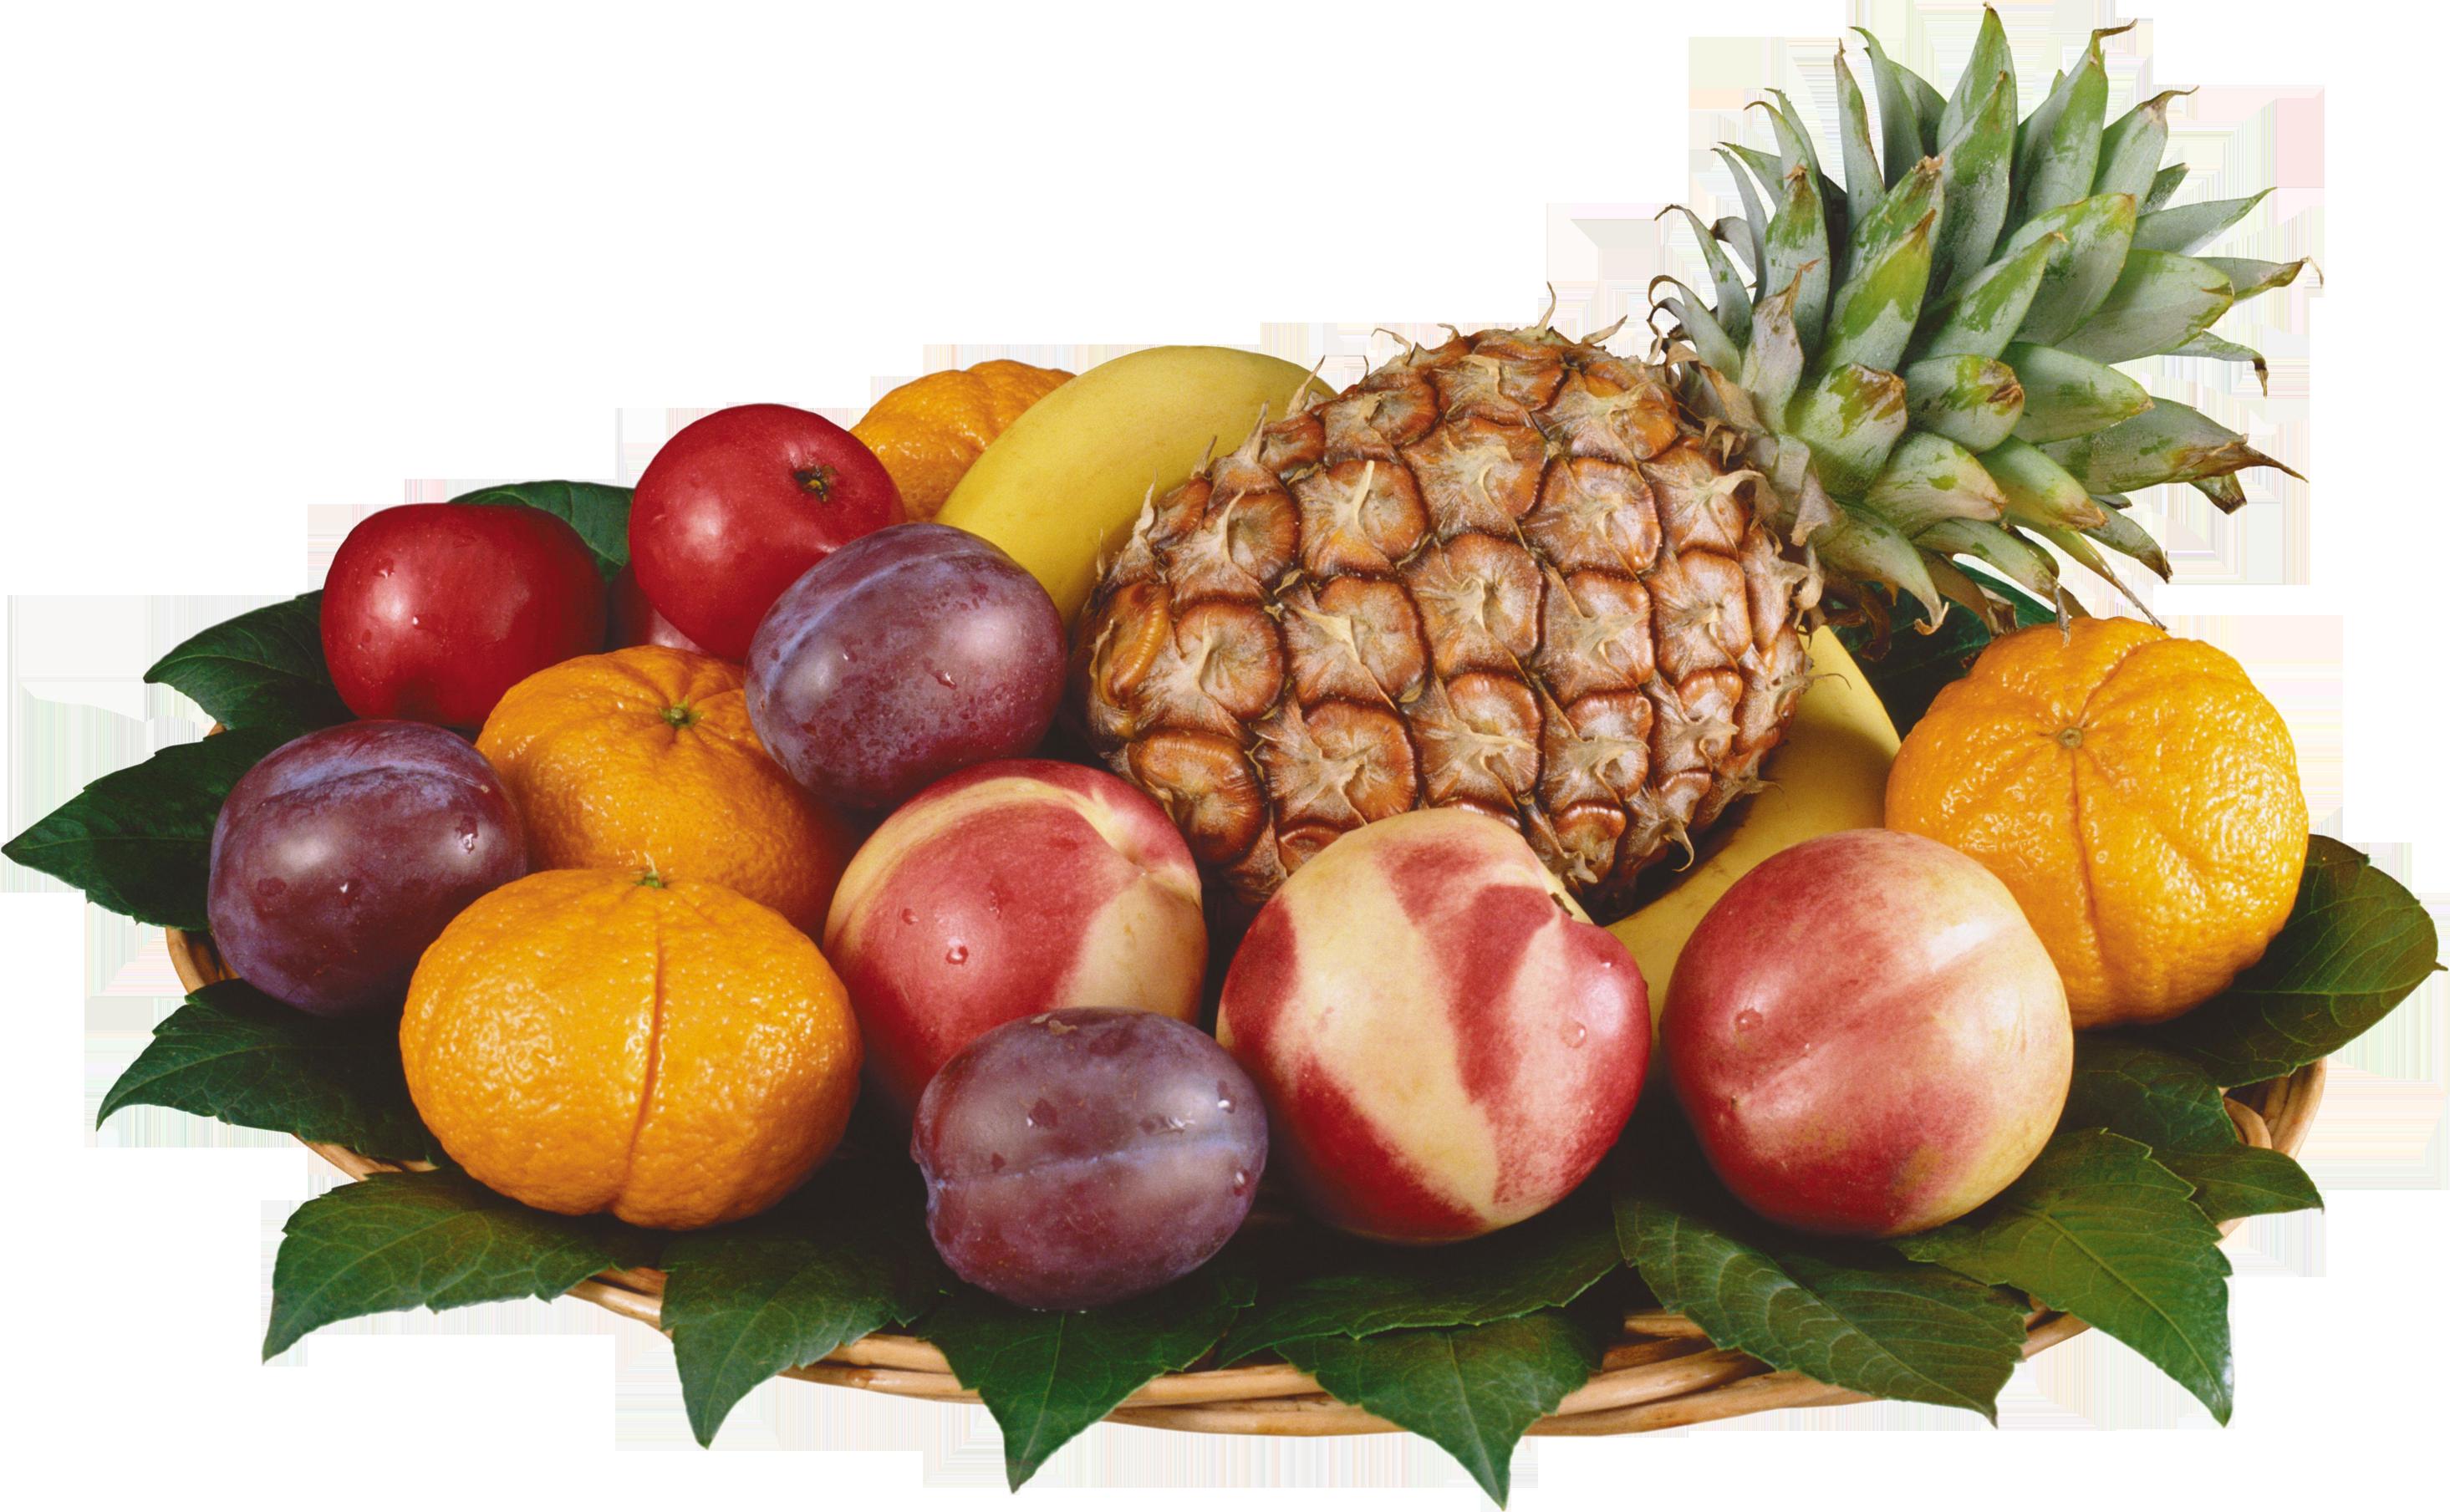 фрукты картинки на прозрачном фоне